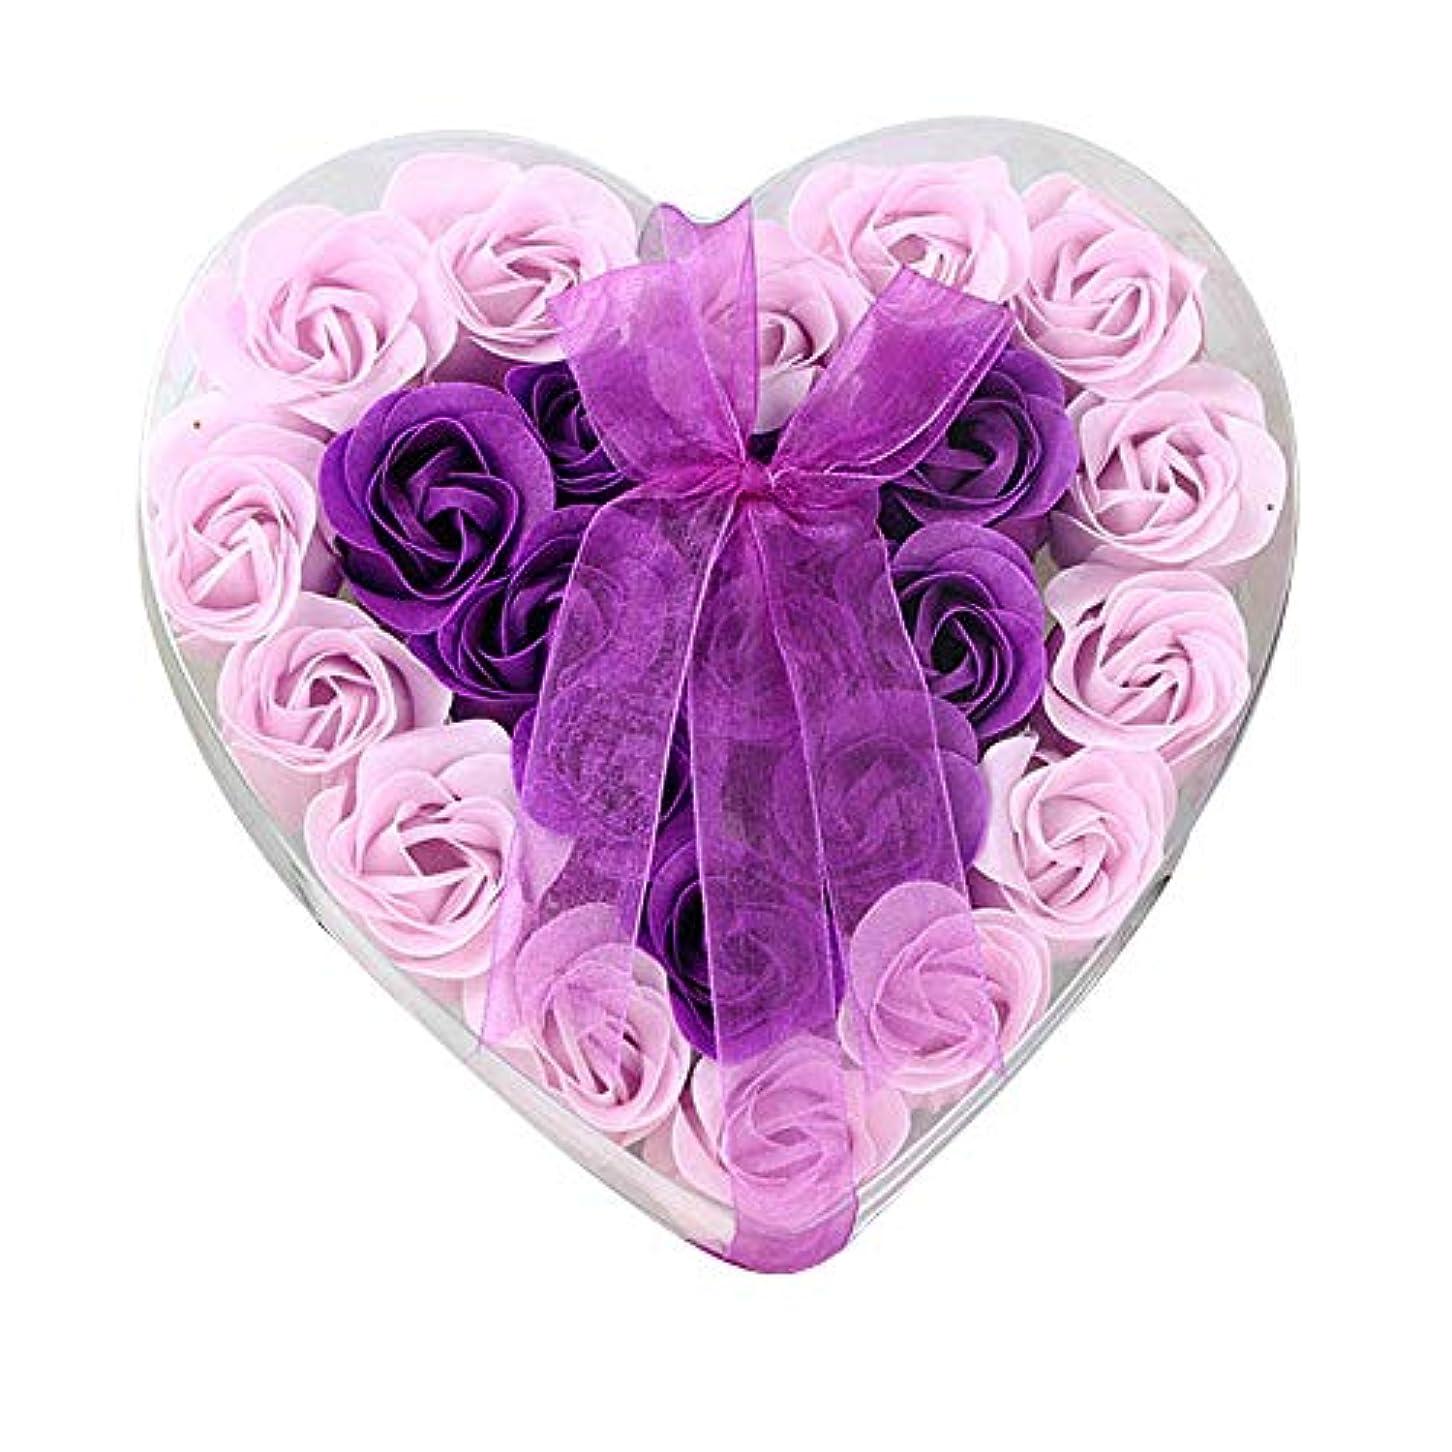 入浴シェルターホース24個の手作りのローズ香りのバスソープの花びら香りのバスソープは、ギフトボックスの花びらをバラ (色 : 紫の)